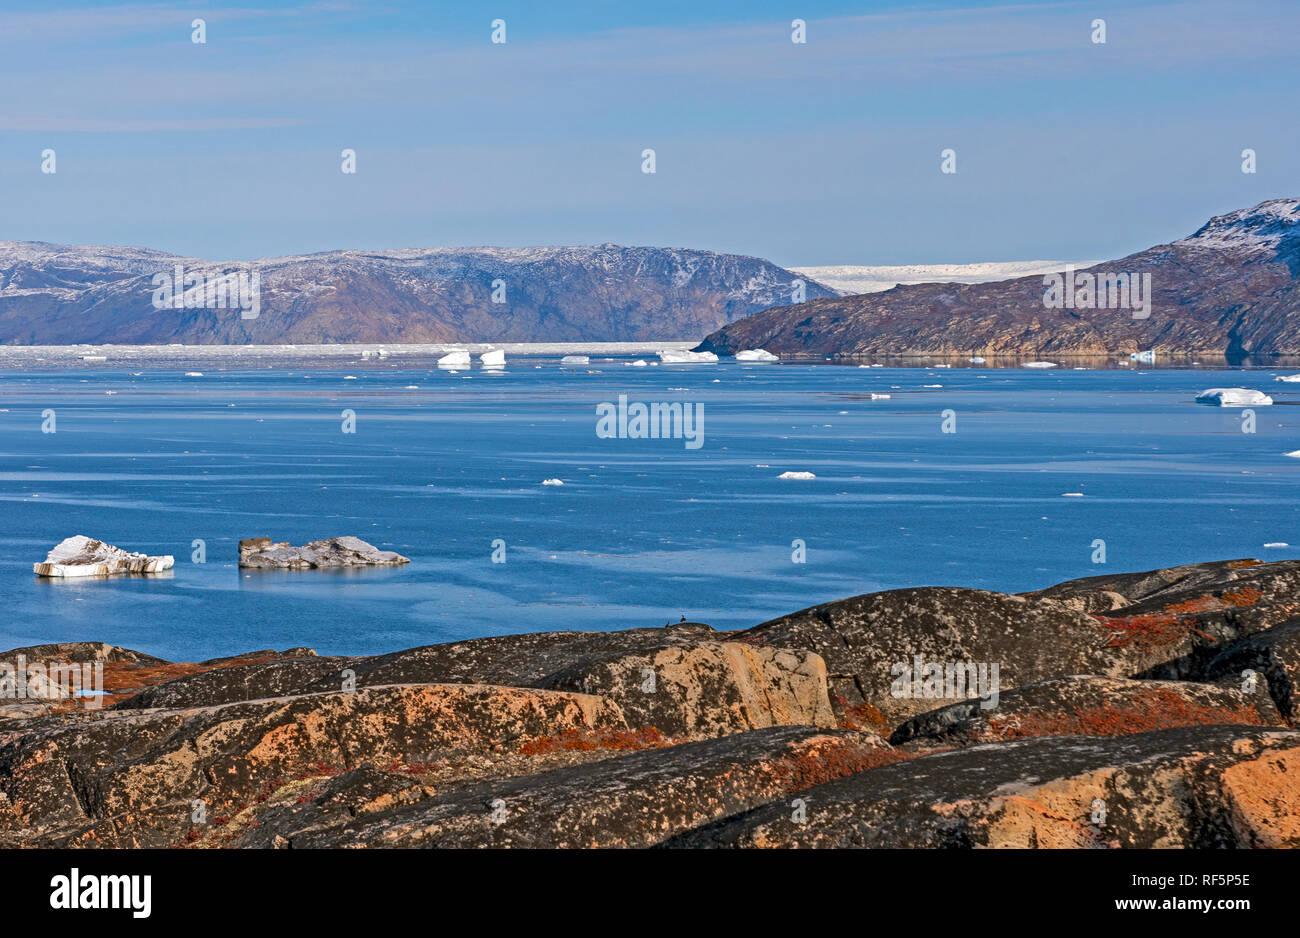 In arktischen Gewässern an der Grönländische Eisschild in der Nähe von Equip Sermia Stockbild